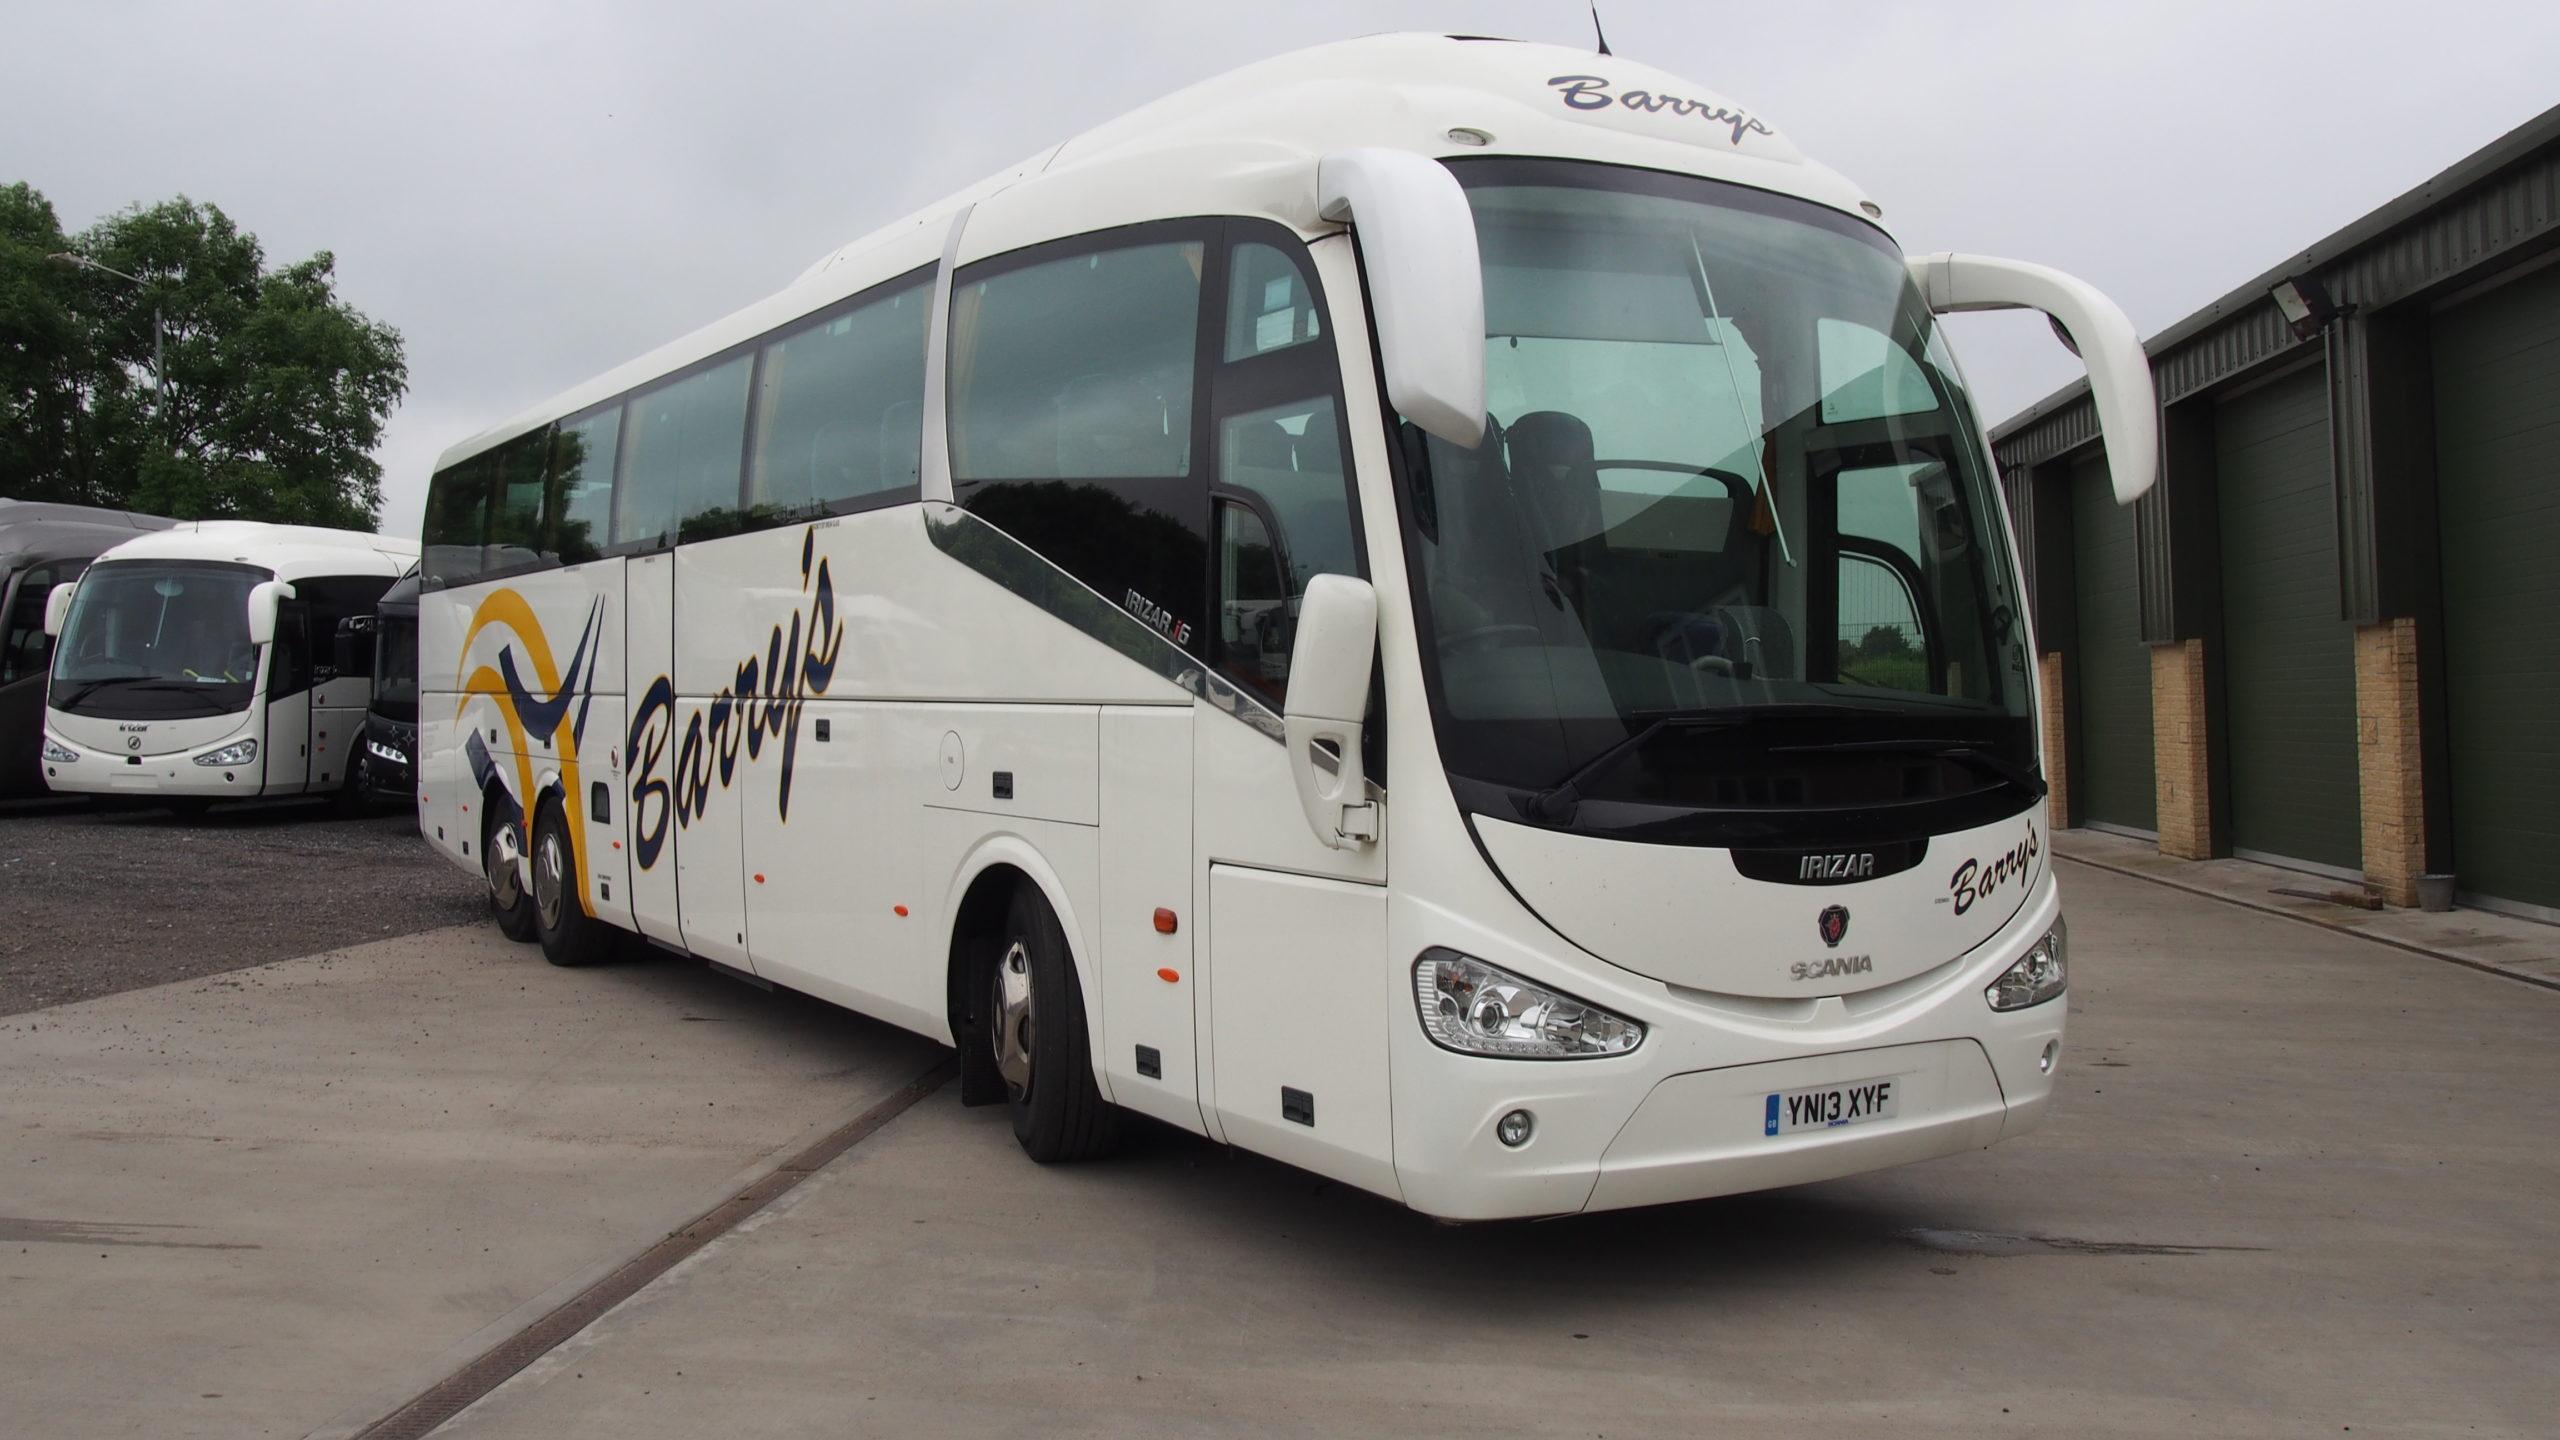 2013 Scania K400 Irizar i6 13.9m-image1